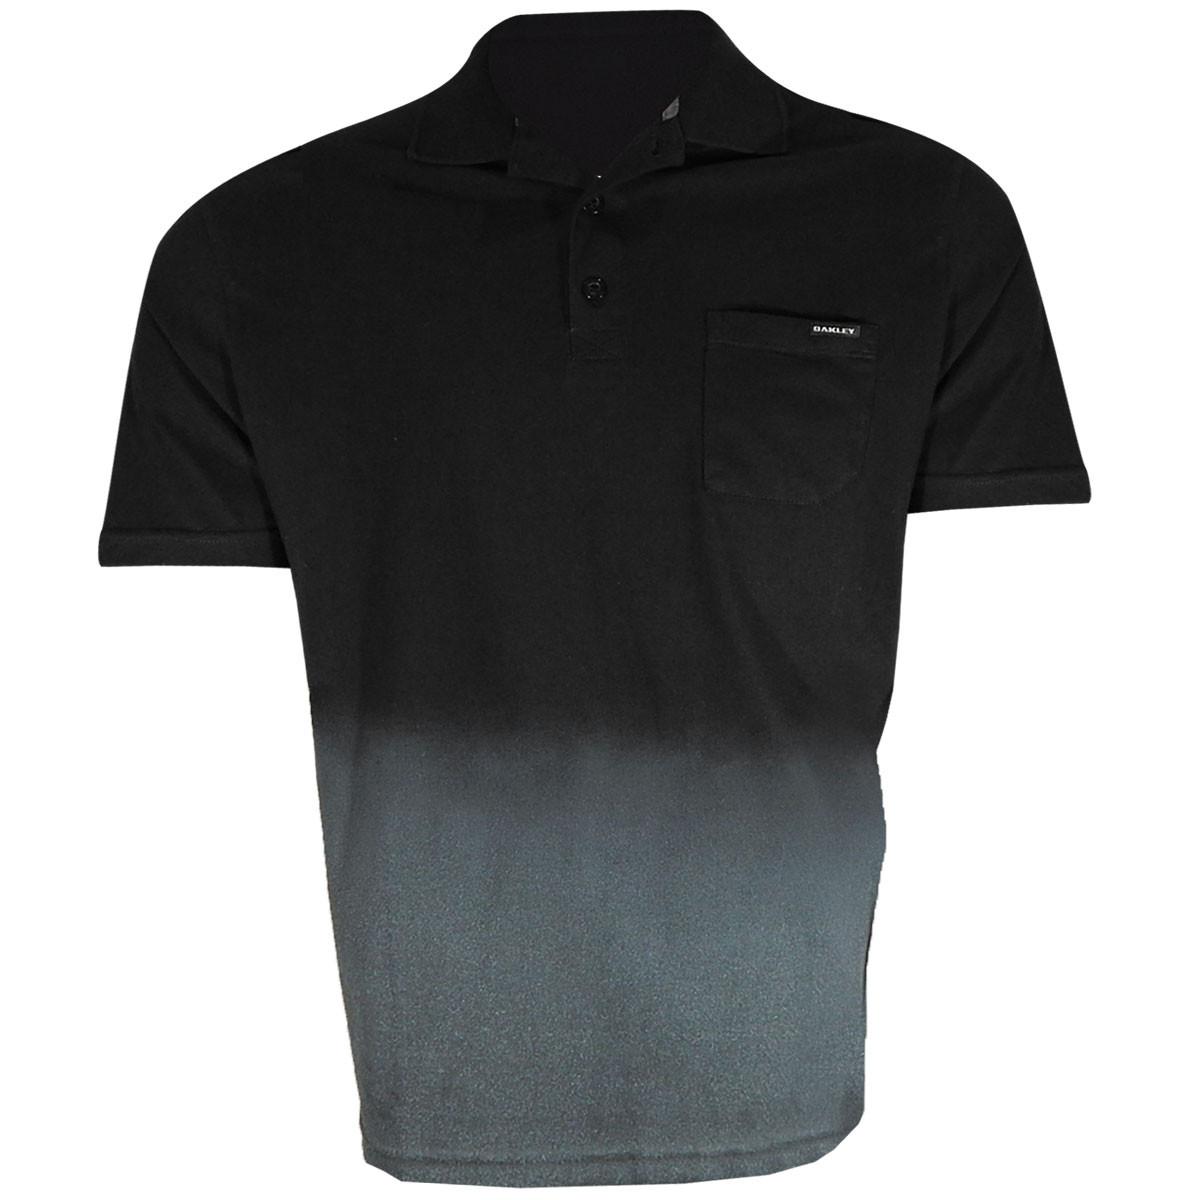 Camisa Polo Oakley Friction Degrade Preta PROMOÇÃO Ultima Peça tam G ... a8dd78e2c1